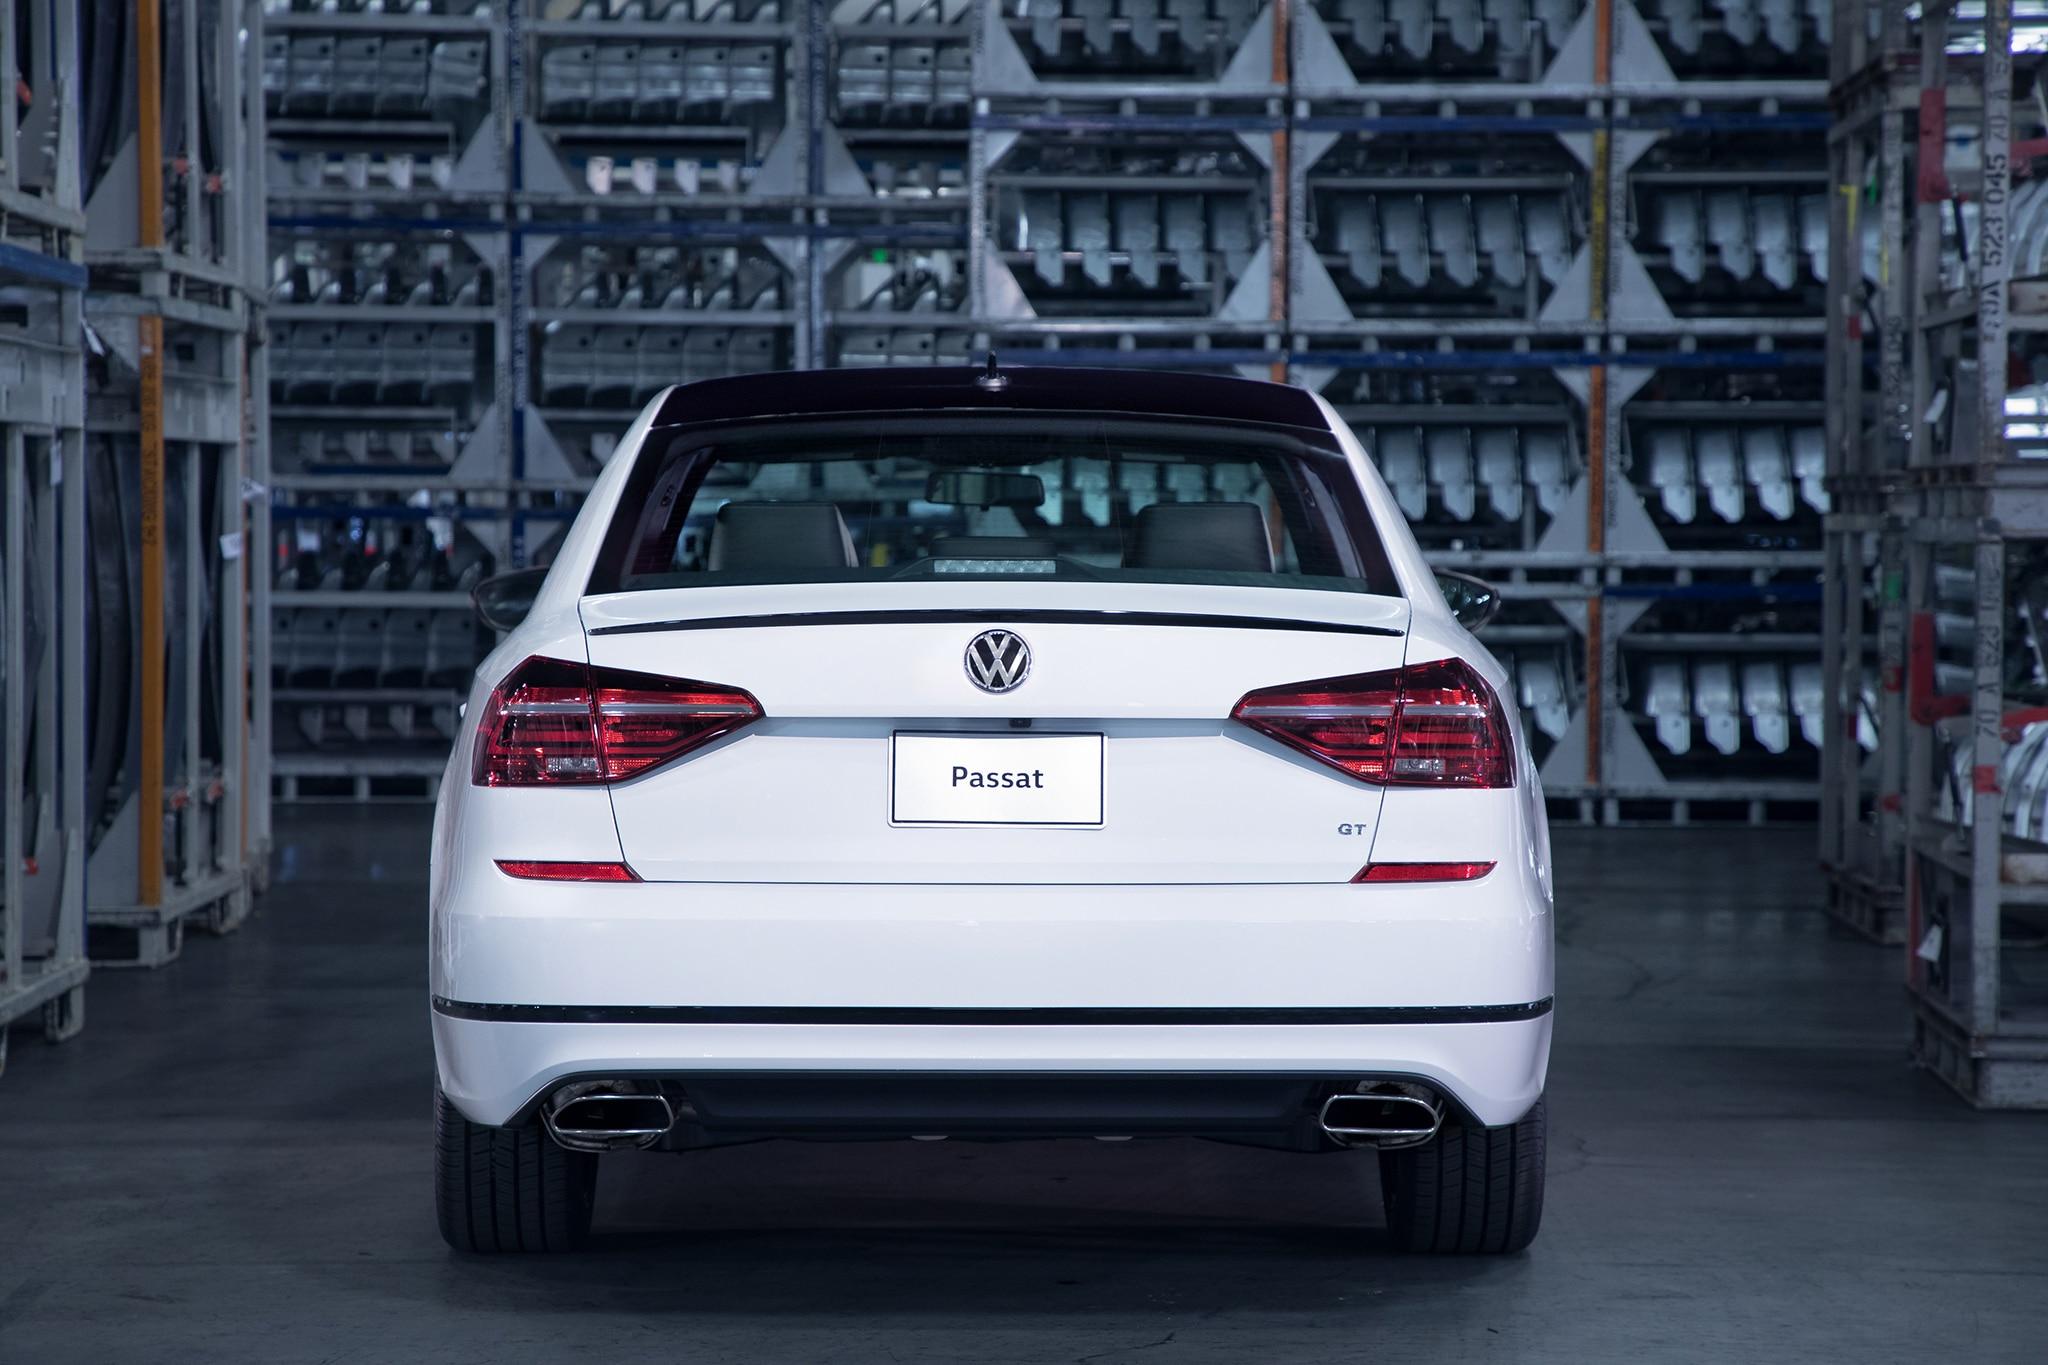 First Drive: 2018 Volkswagen Passat GT V6 | Automobile Magazine